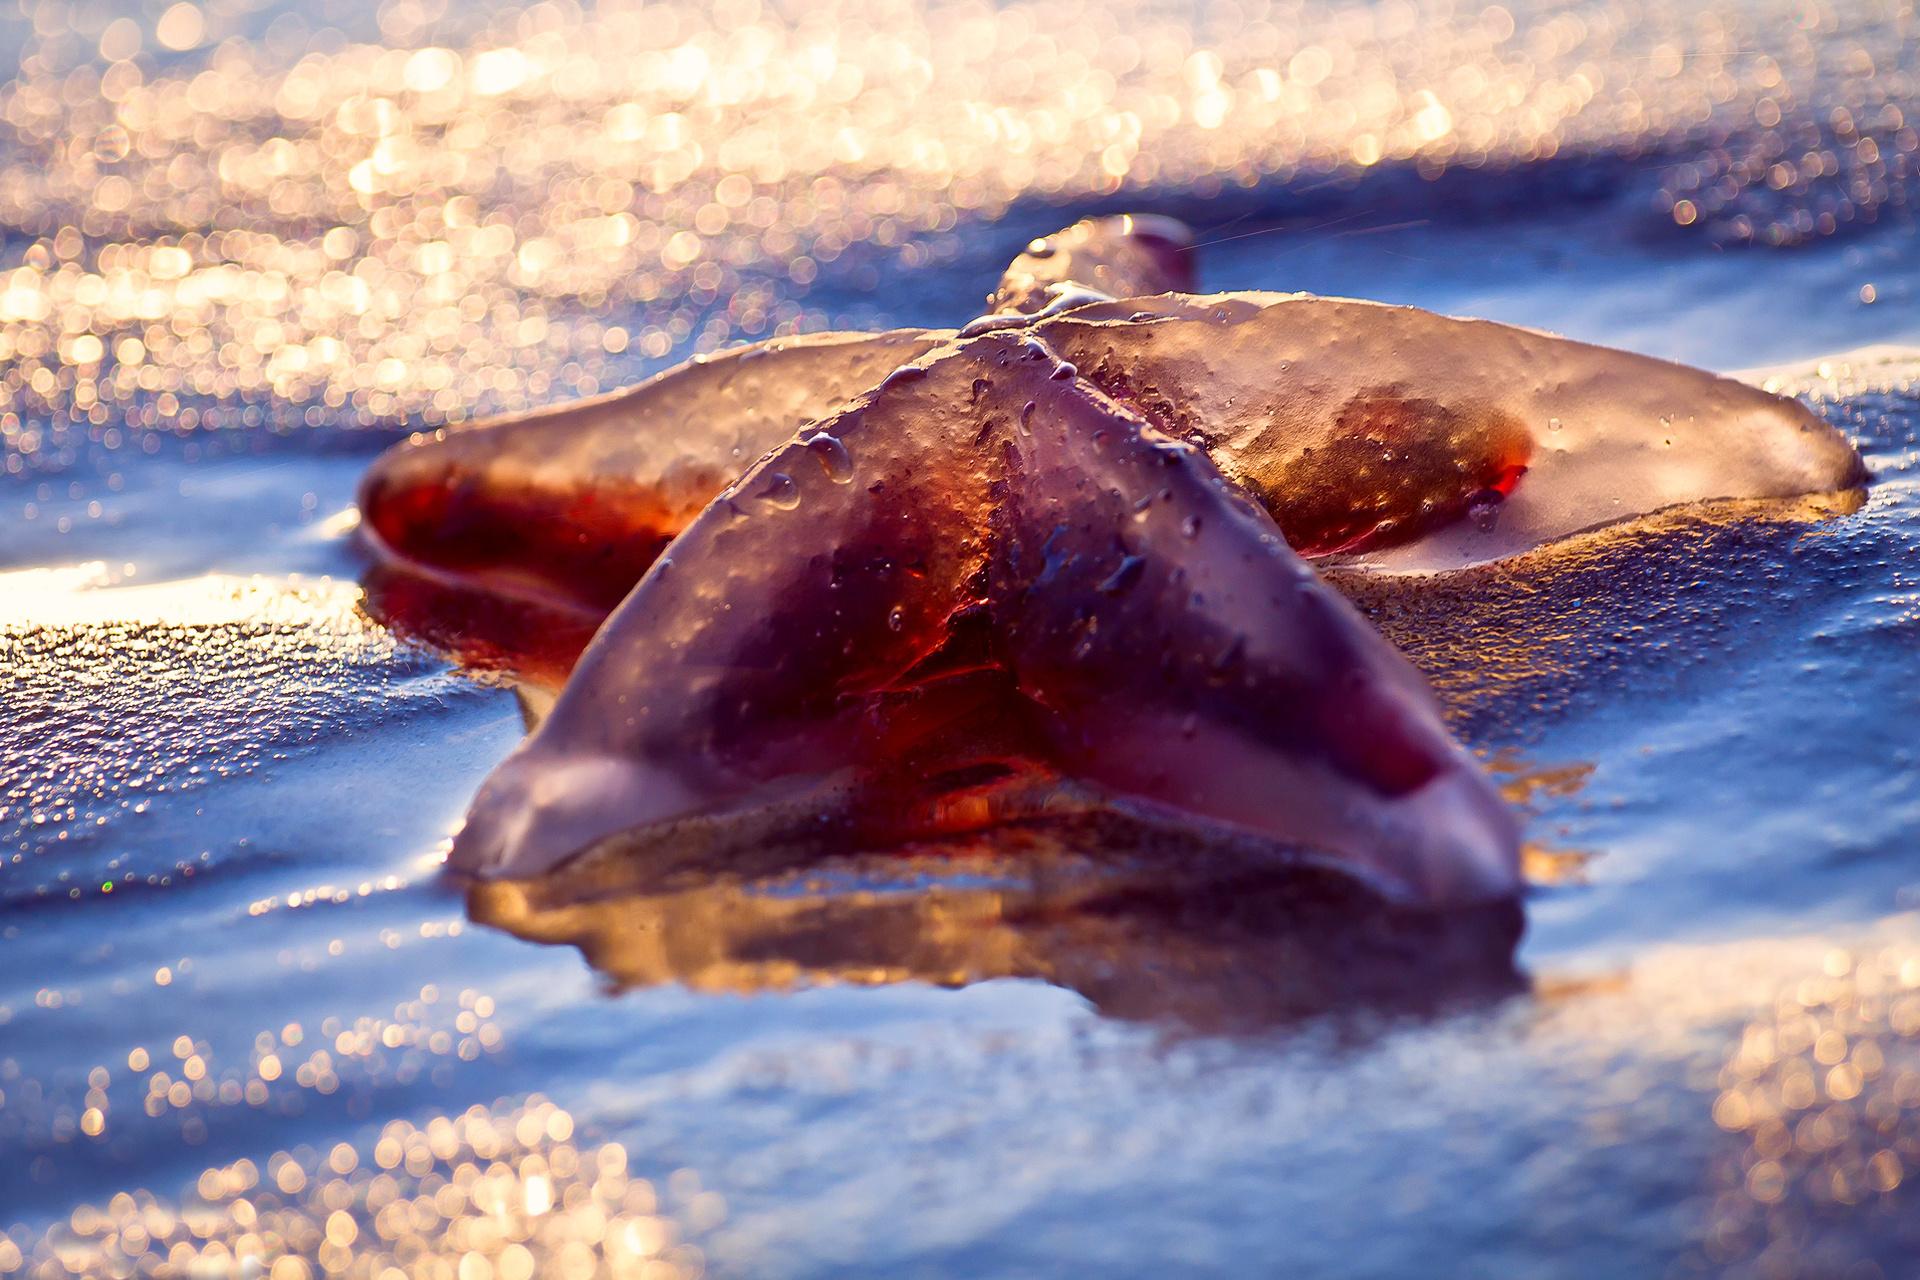 вот картинки морские звезды дельфины кустики полутени, местах